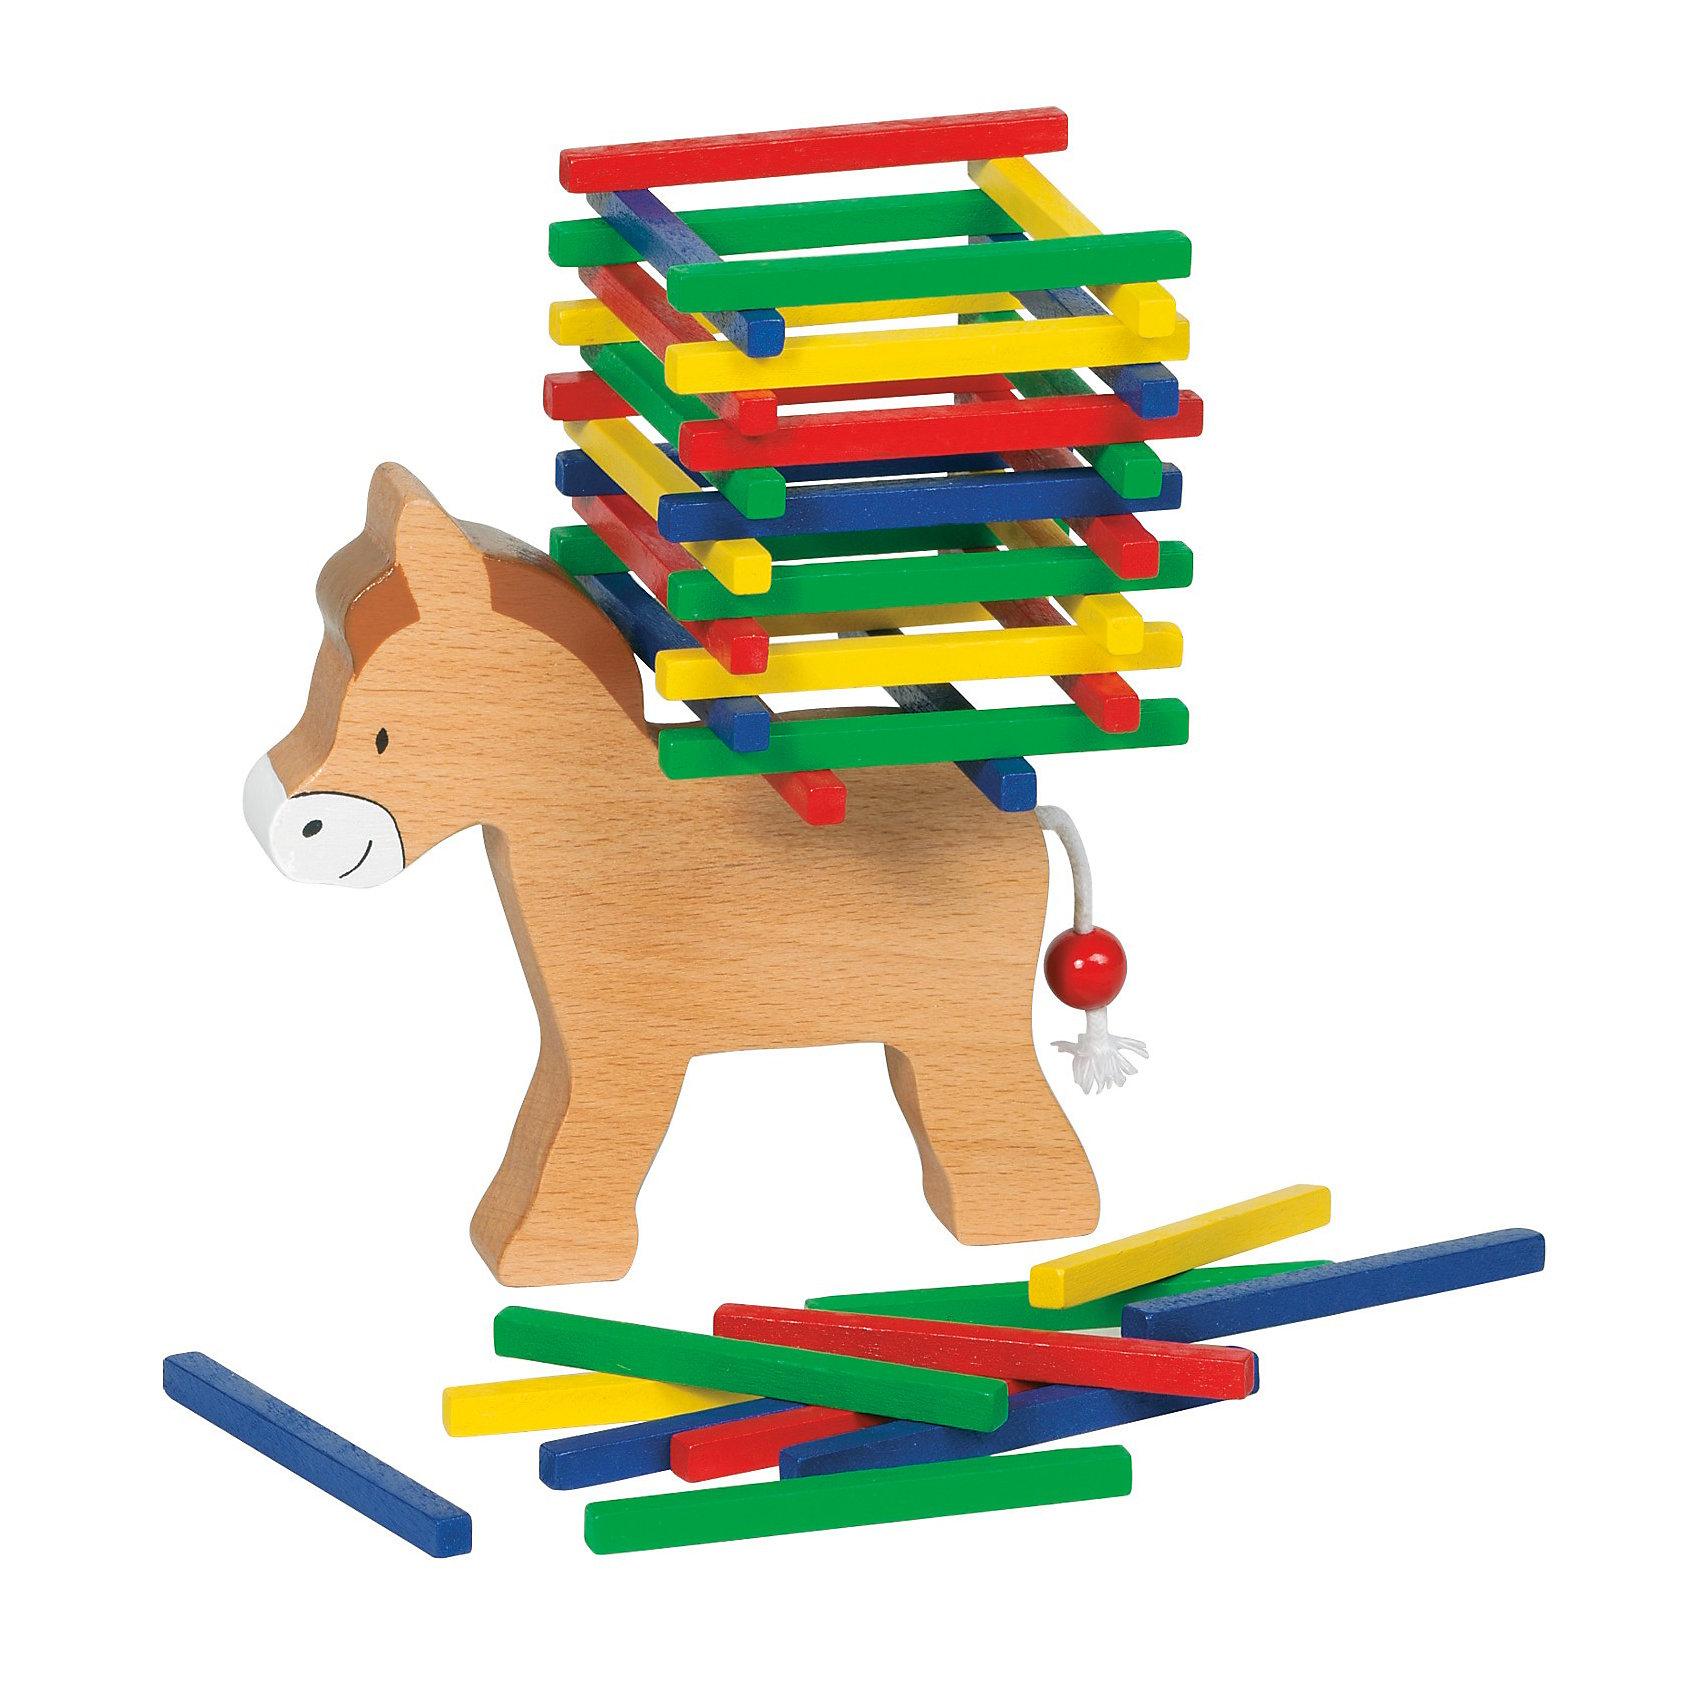 Игра Нагрузи ослика, gokiИгрушка деревянная Нагрузи ослика<br><br>Игра развивает ловкость и внимание. Задача игрока-нагрузить ослика всеми 60 палочками из набора.<br><br>Дополнительная информация:<br><br>- Материалы: дерево<br>- Размер ослика 12х10,5 см<br>- В наборе 60 палочек<br><br>Ширина мм: 122<br>Глубина мм: 122<br>Высота мм: 46<br>Вес г: 191<br>Возраст от месяцев: 24<br>Возраст до месяцев: 72<br>Пол: Унисекс<br>Возраст: Детский<br>SKU: 2328658